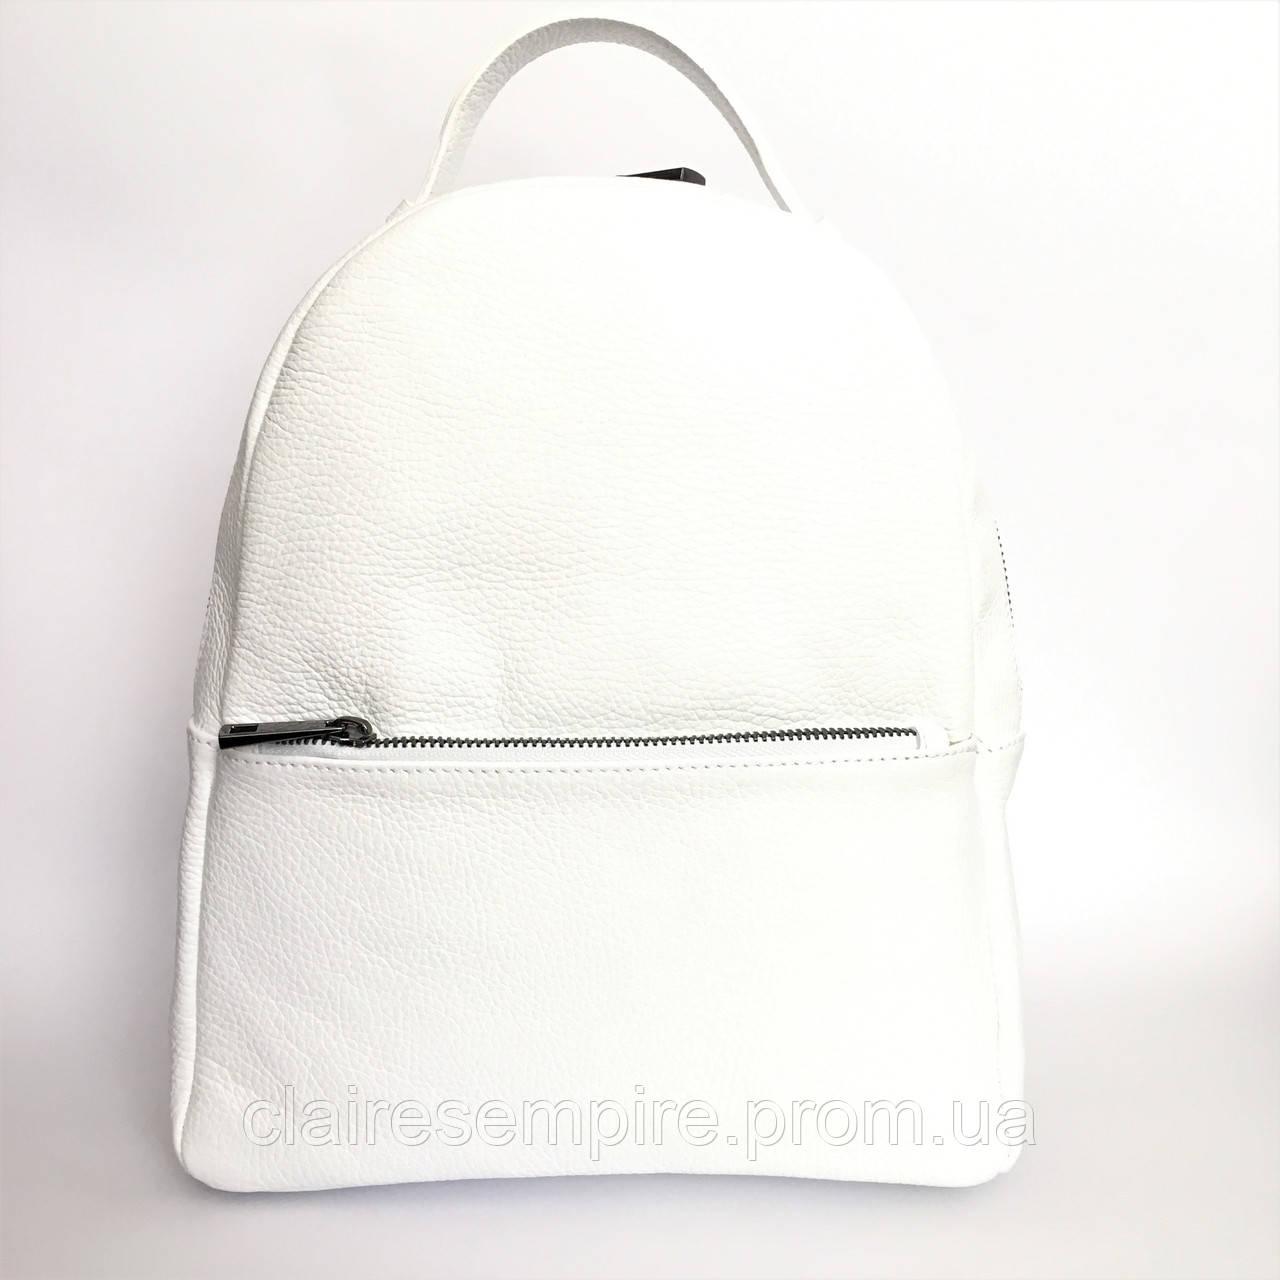 Рюкзак кожаный, Италия, пудра, цена 1 590 грн., купить в Днепре ... 8da5fef55a8